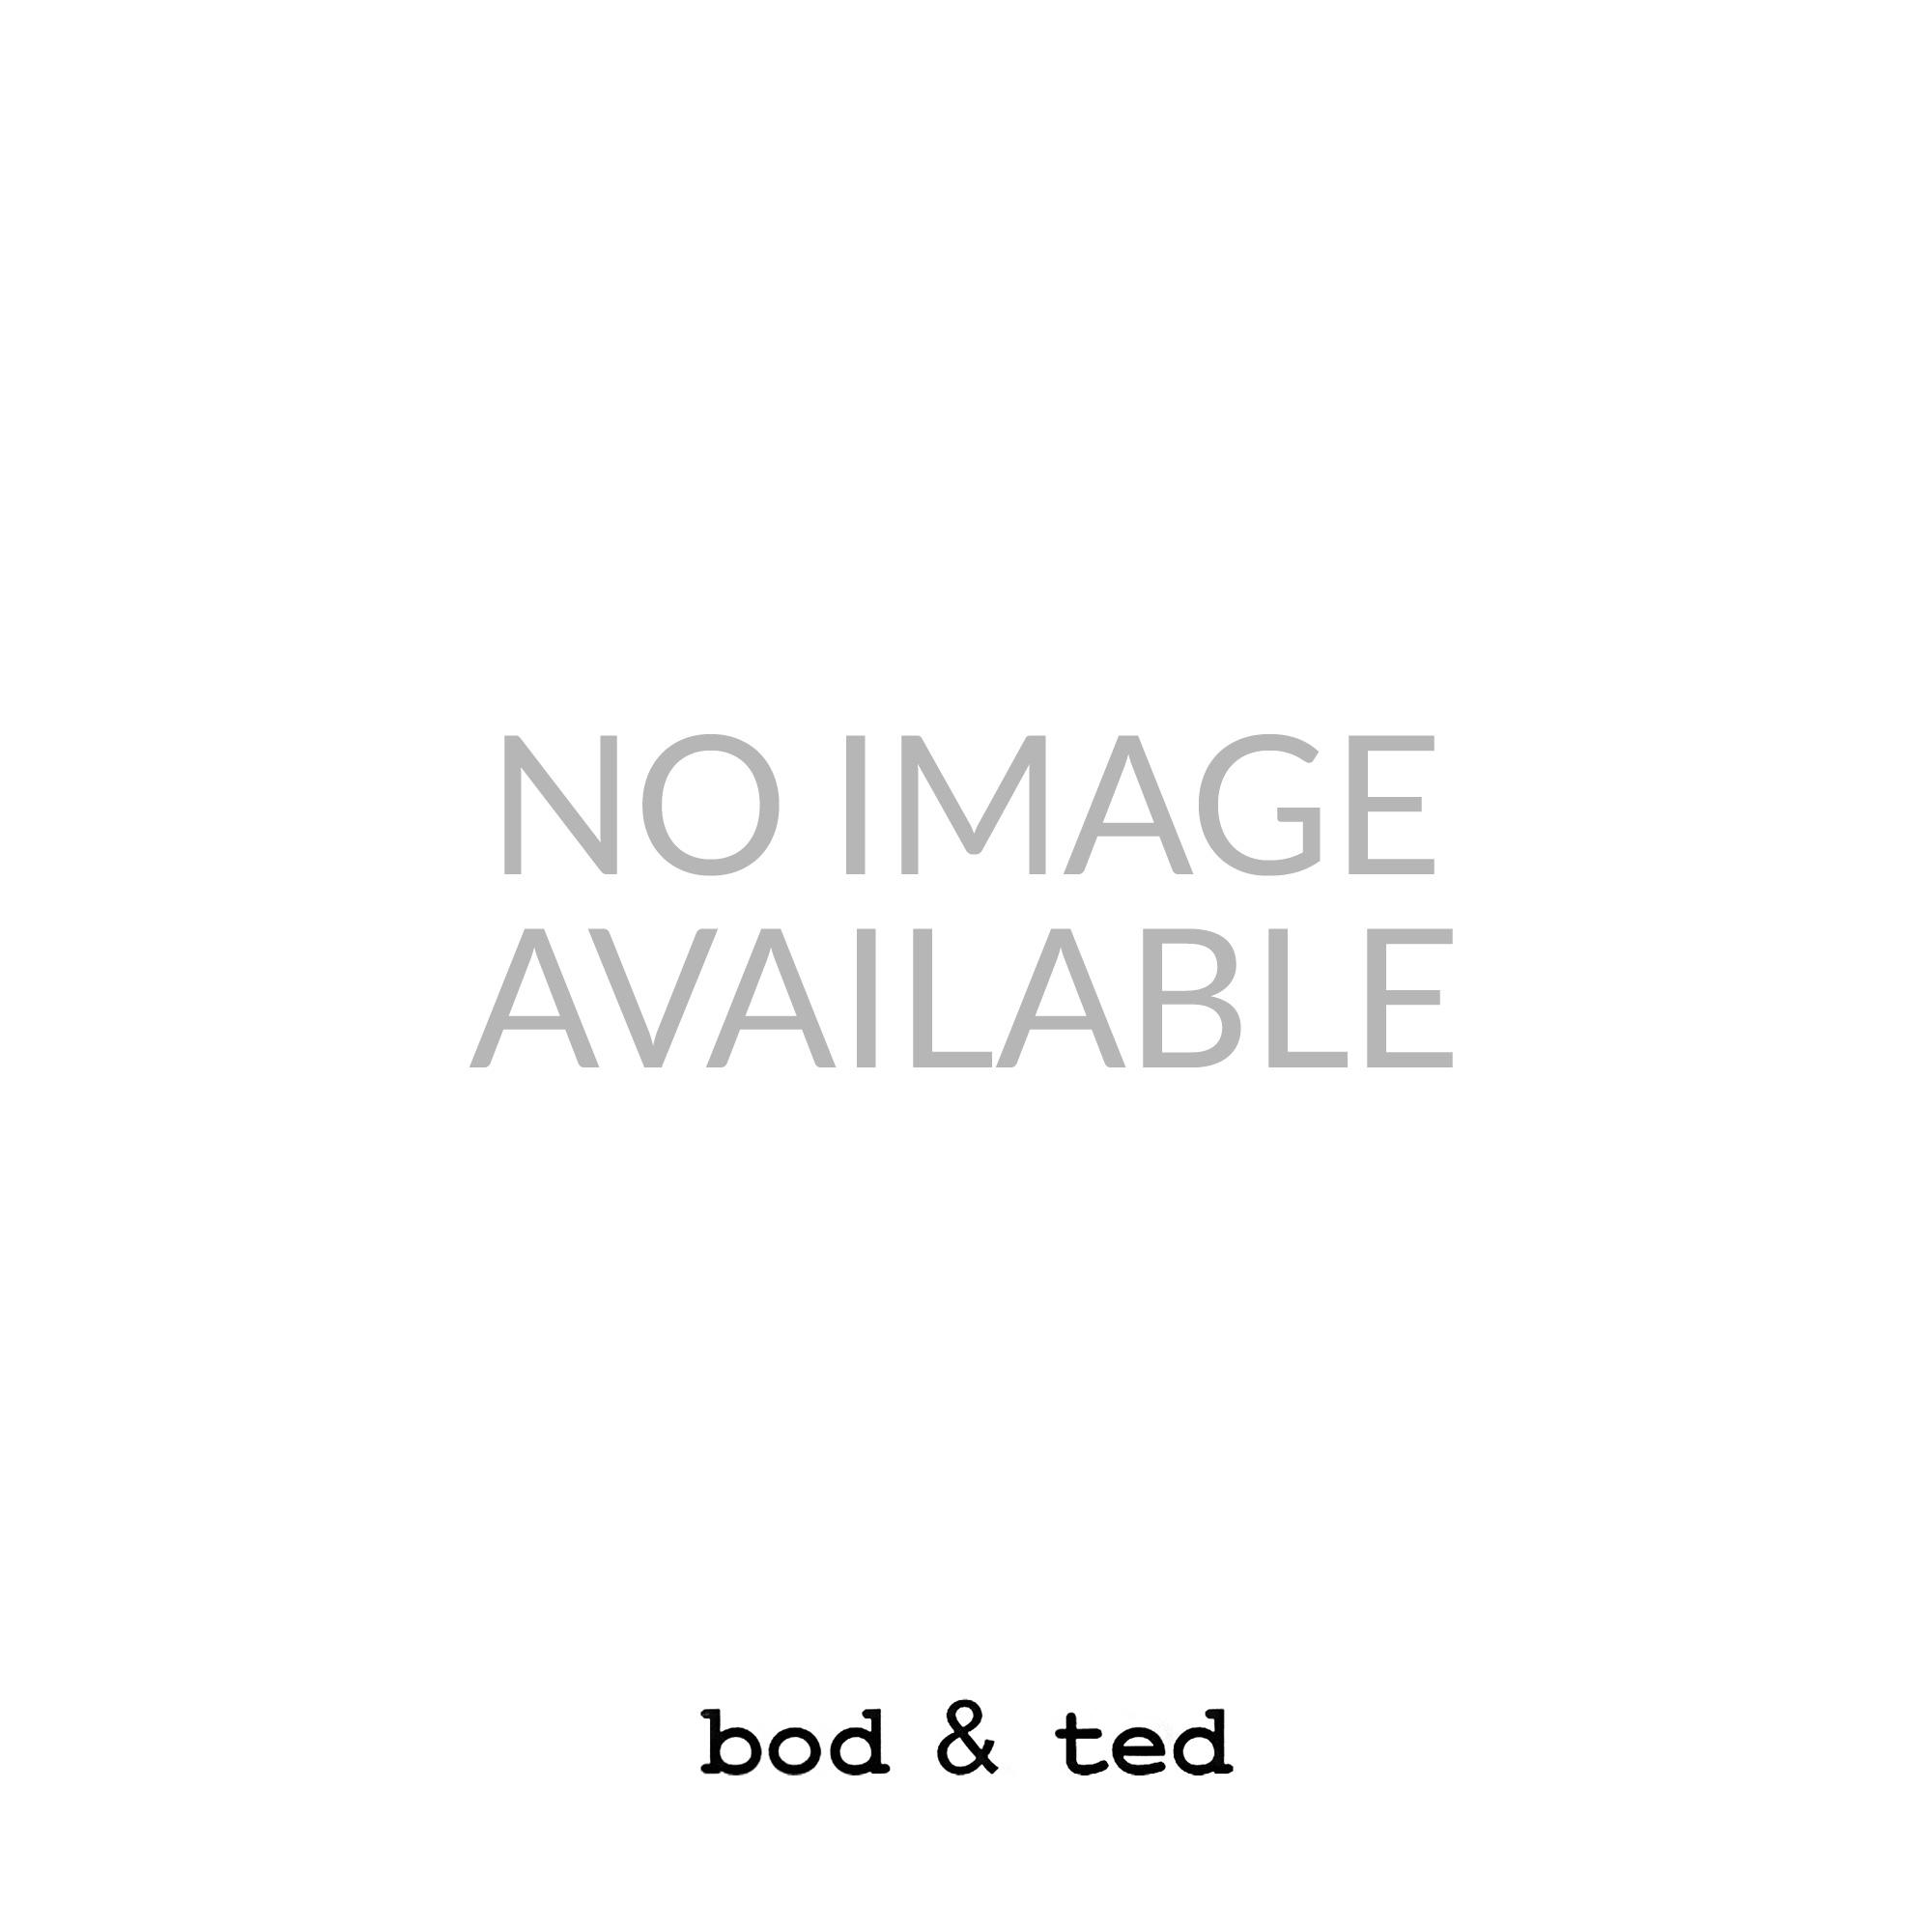 dd316eee44a2 Women's Designer Jeans | Paige Denim & Iden Denim | bod & ted